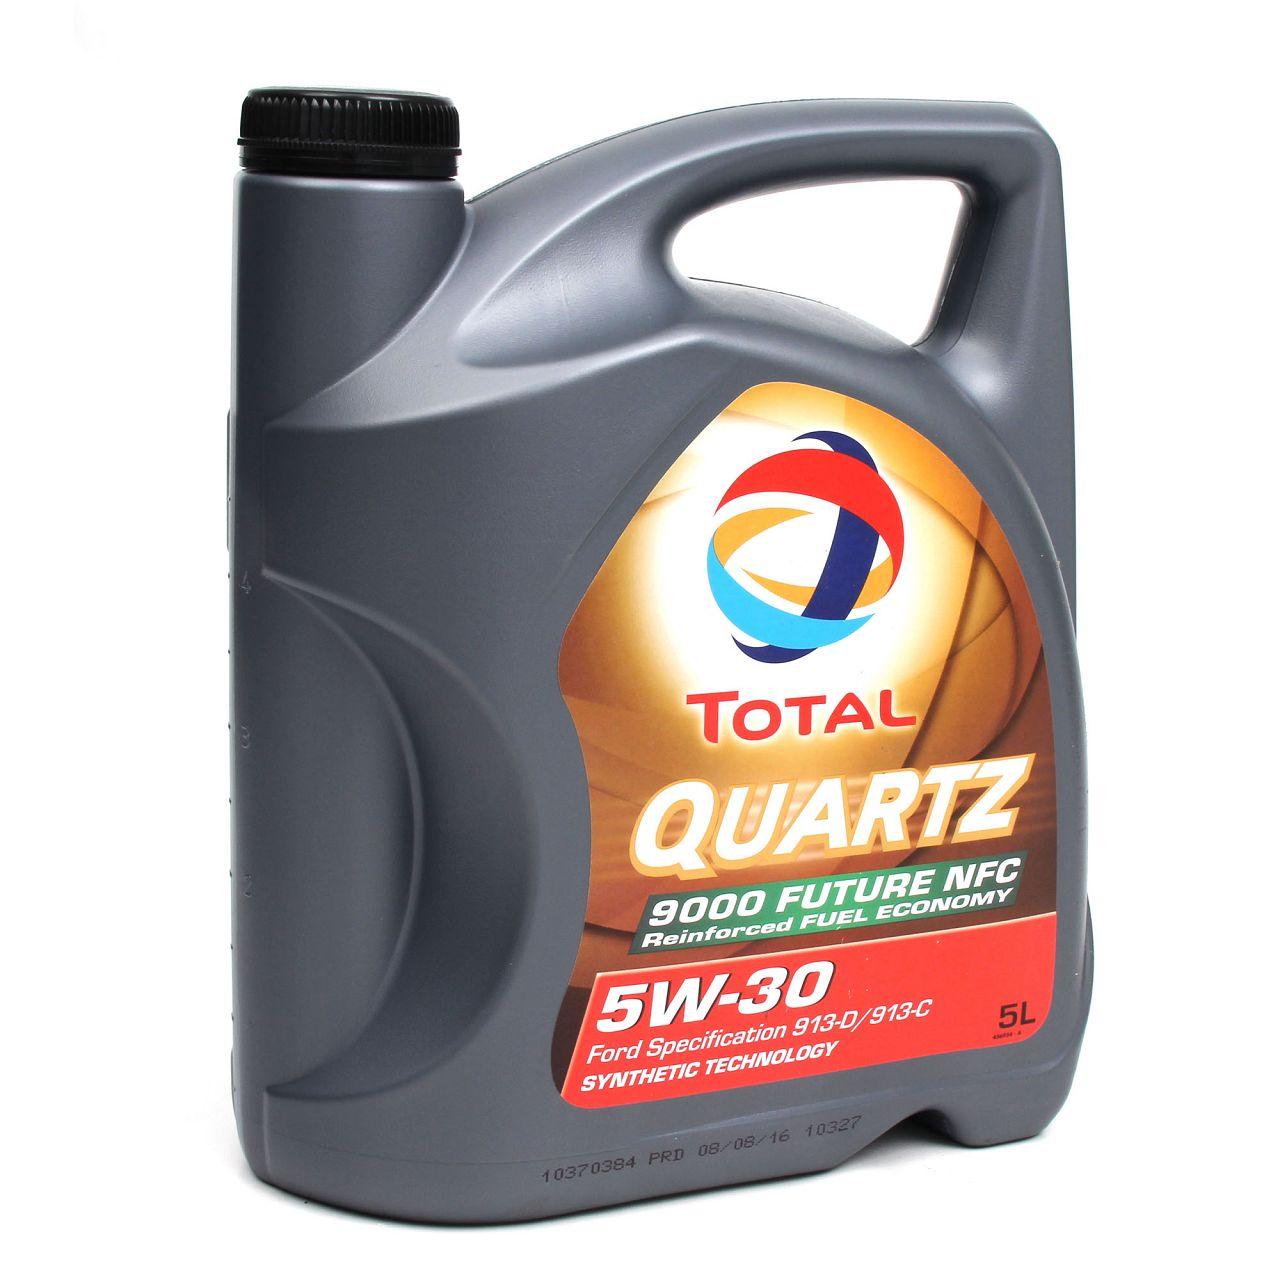 TOTAL QUARTZ 9000 FUTURE NFC 5W-30 Motoröl 5L 5W30 5 Liter für FORD WSS-M2C913-D